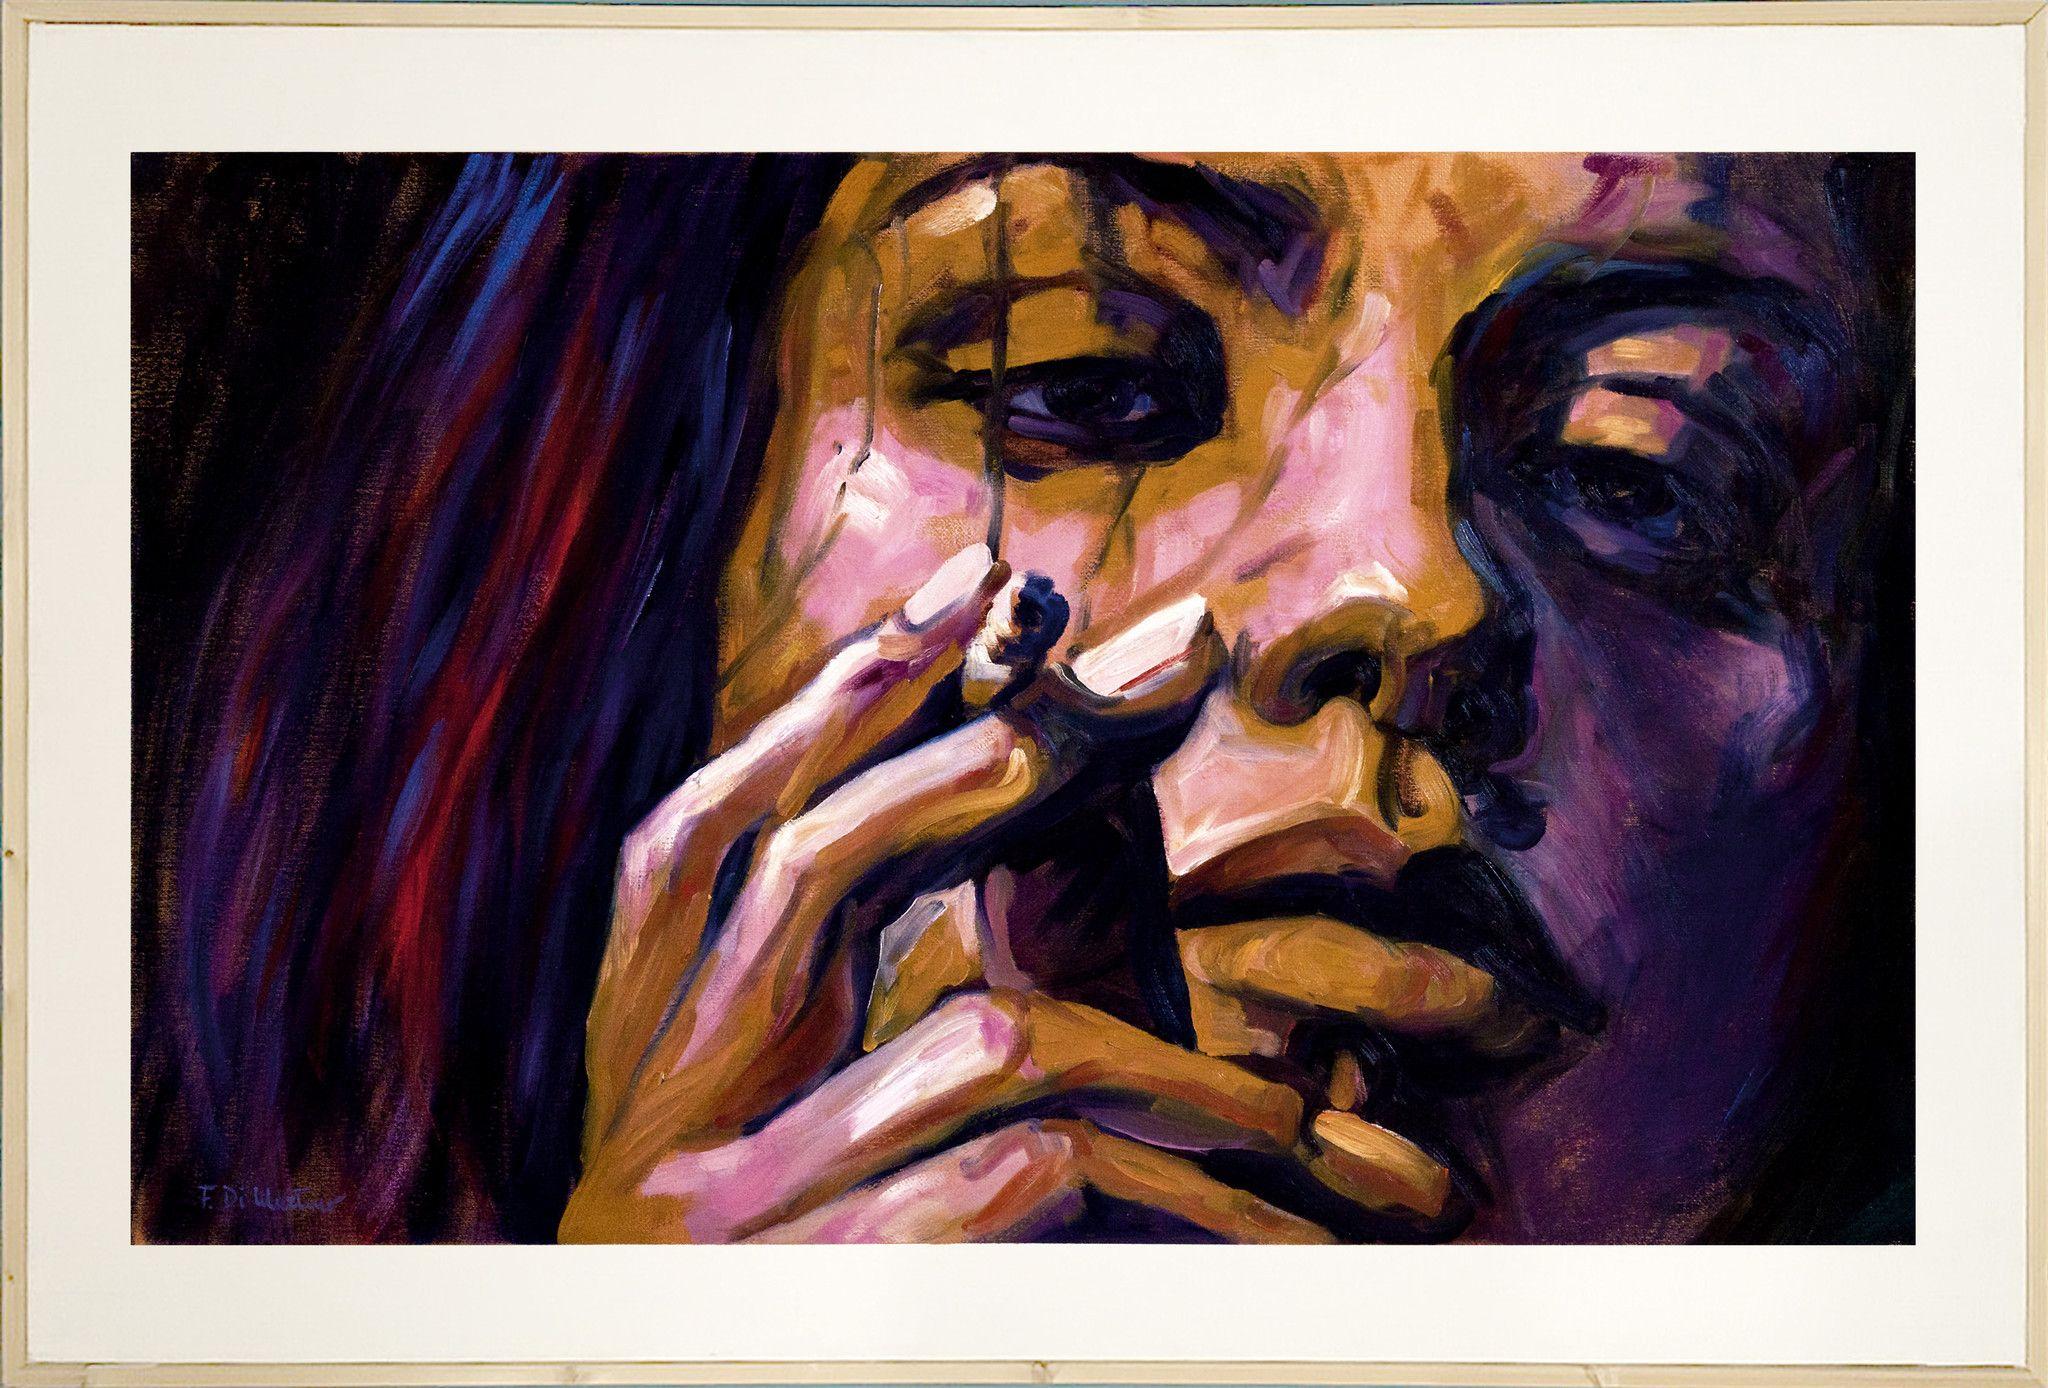 MIXED MEDIA FRANCESCA DI MARTINO ' NO SMOKING '  dimensioni L 150 x H 100 cm.